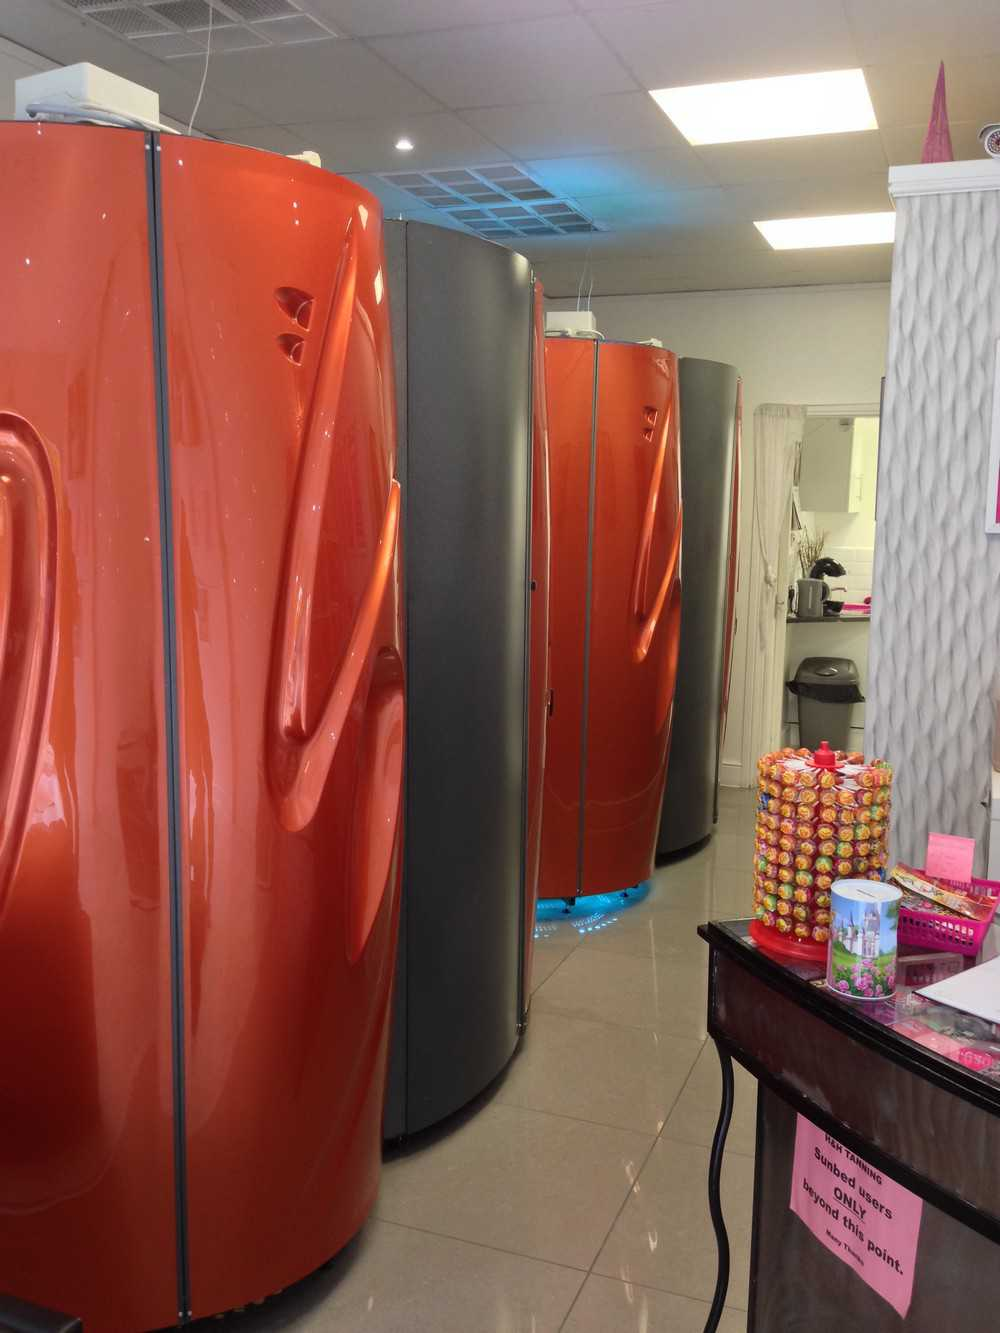 sunbed rental 4 sunbed rental company. Black Bedroom Furniture Sets. Home Design Ideas